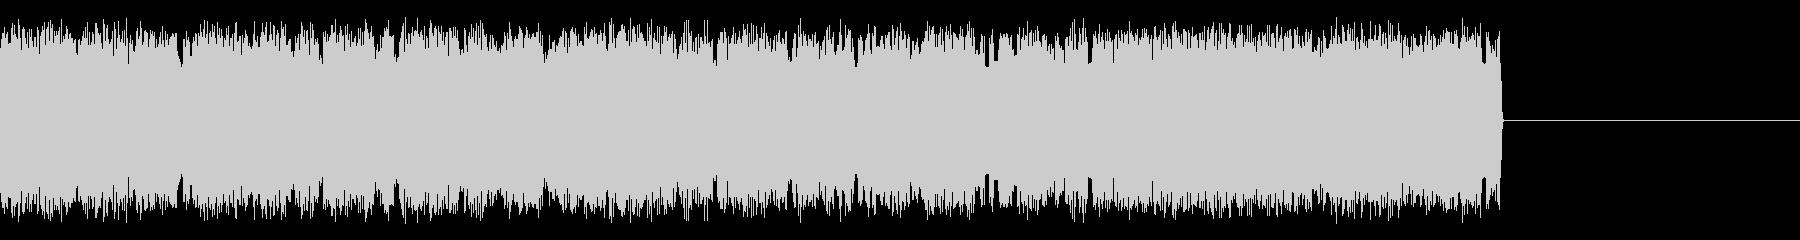 宇宙人・異世界人の会話 早口の効果音の未再生の波形